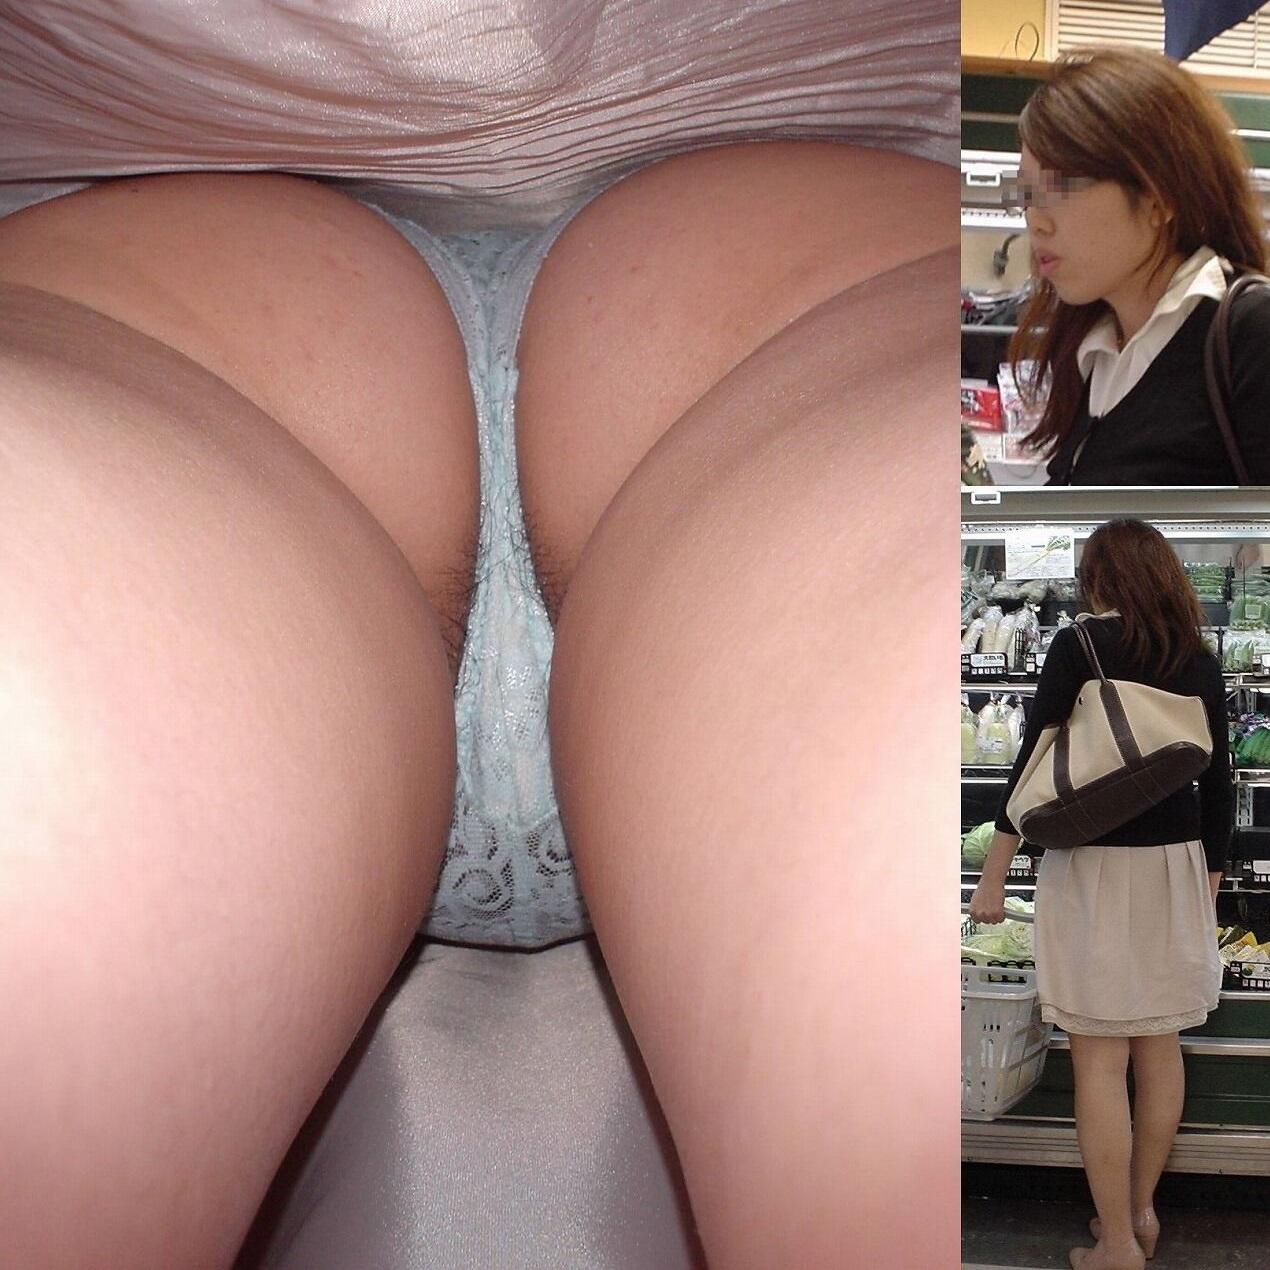 スーパーで買い物中の素人を逆さ撮り!